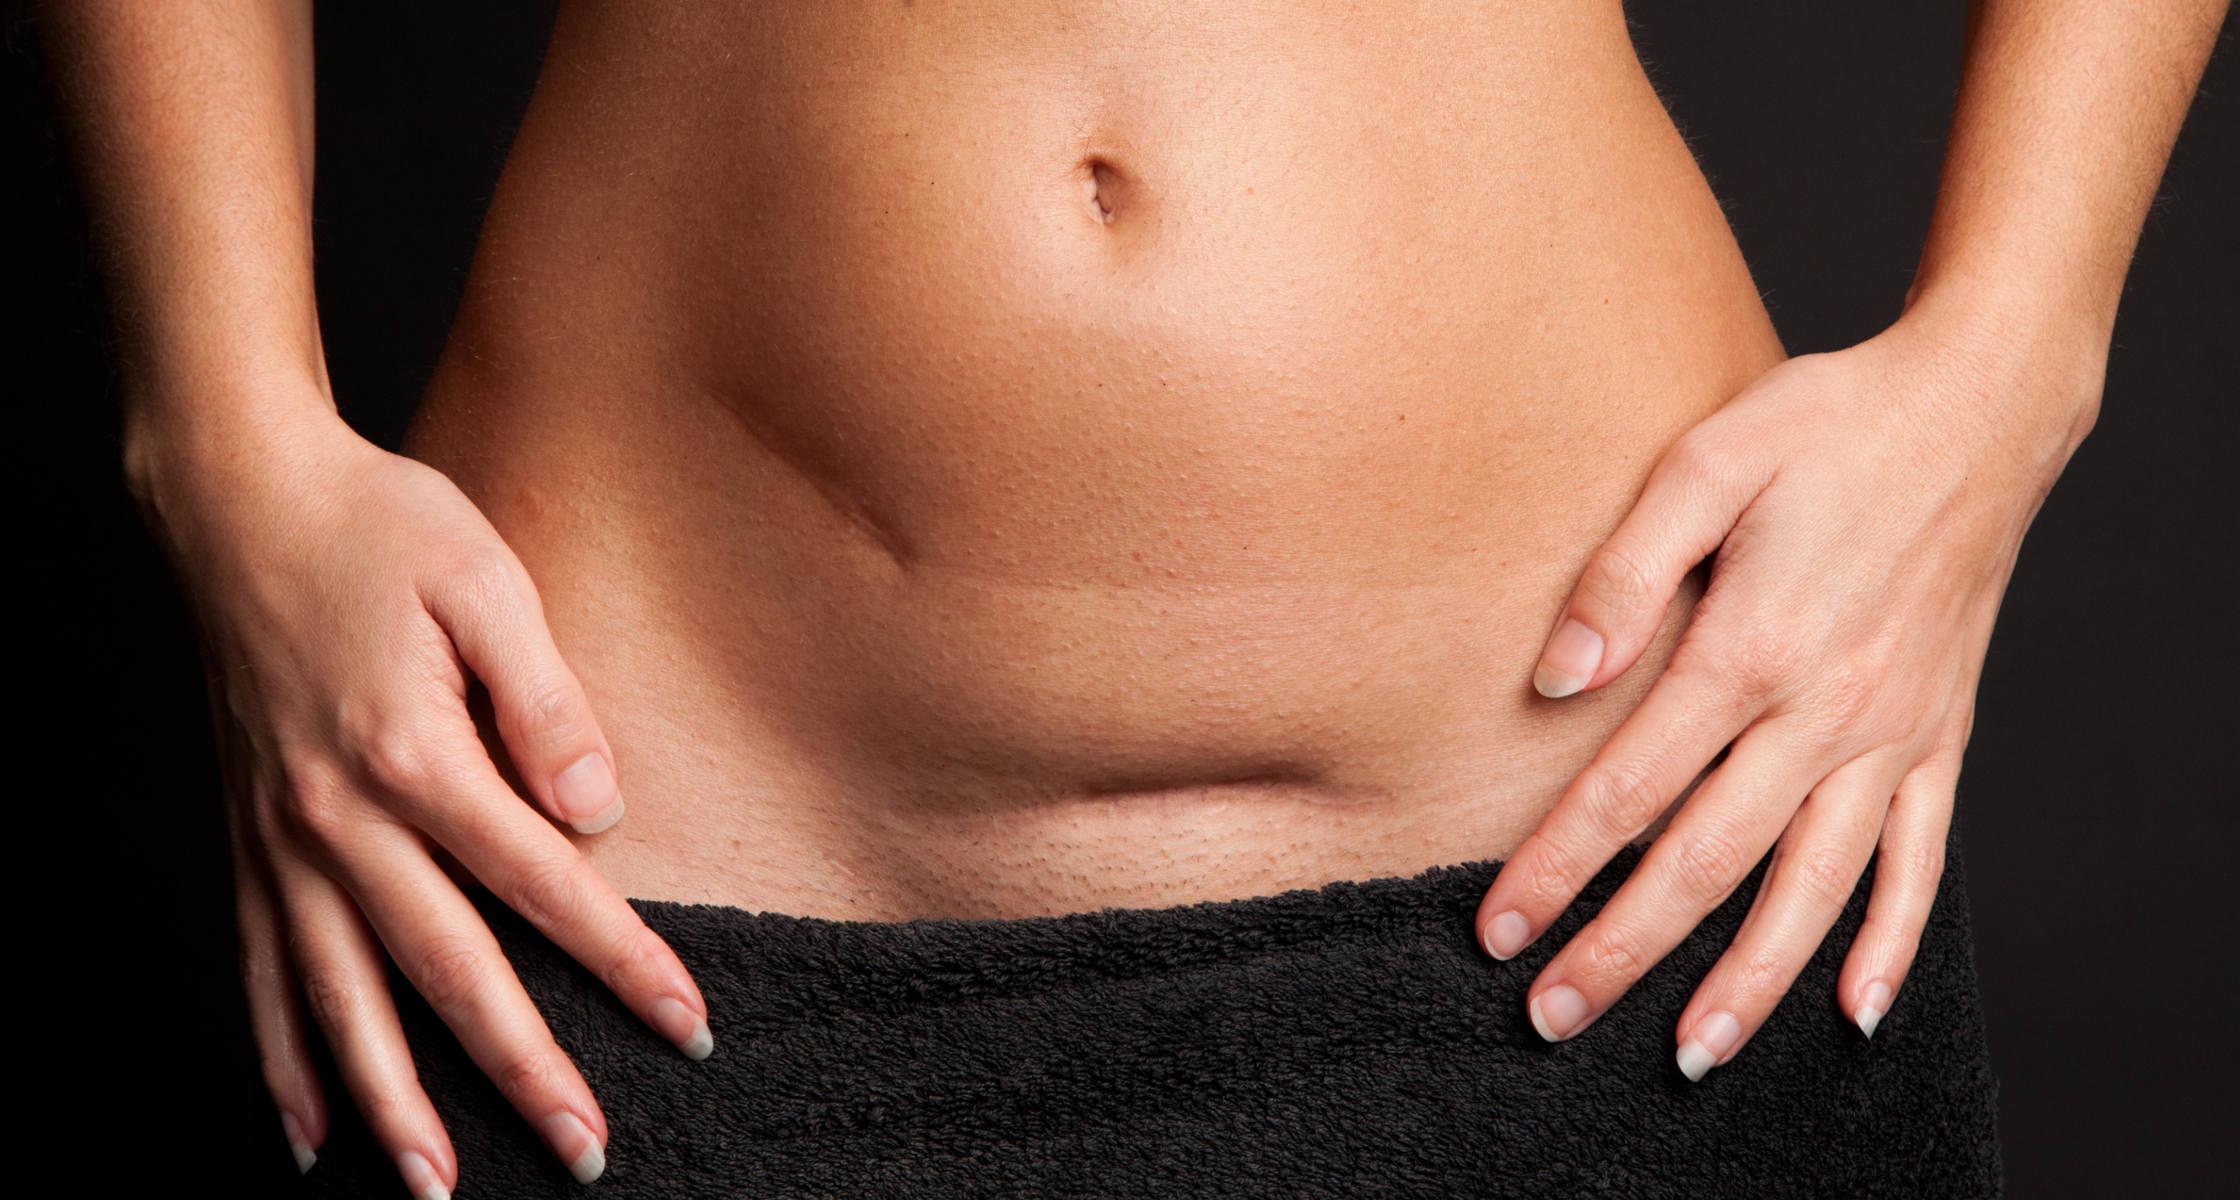 Stillen reduziert Schmerzen nach Kaiserschnitt